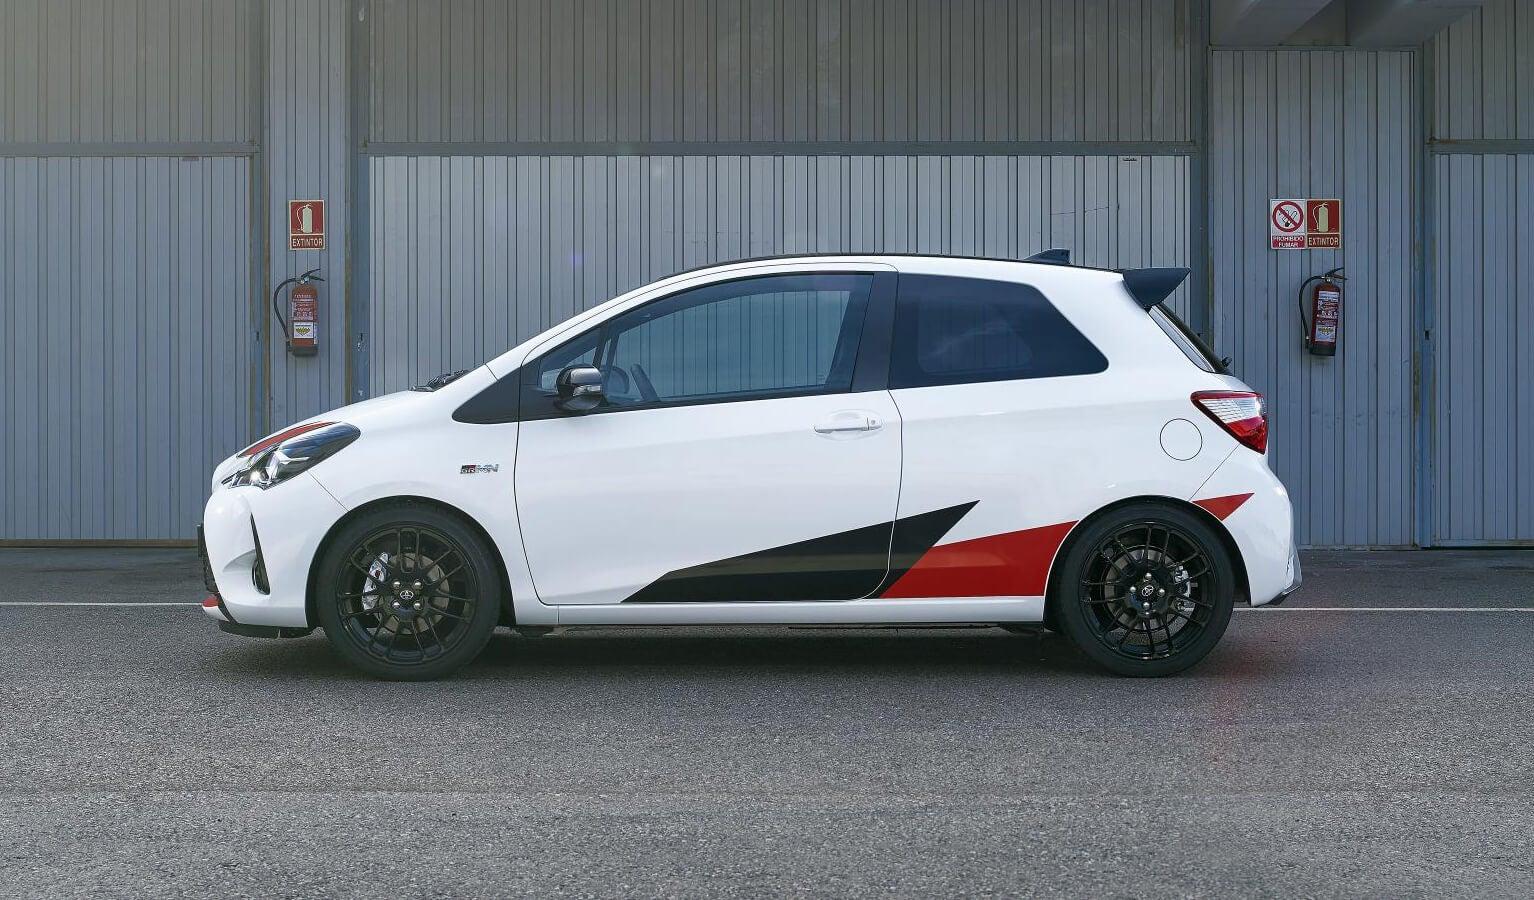 Toyota Yaris GRMN: lateral